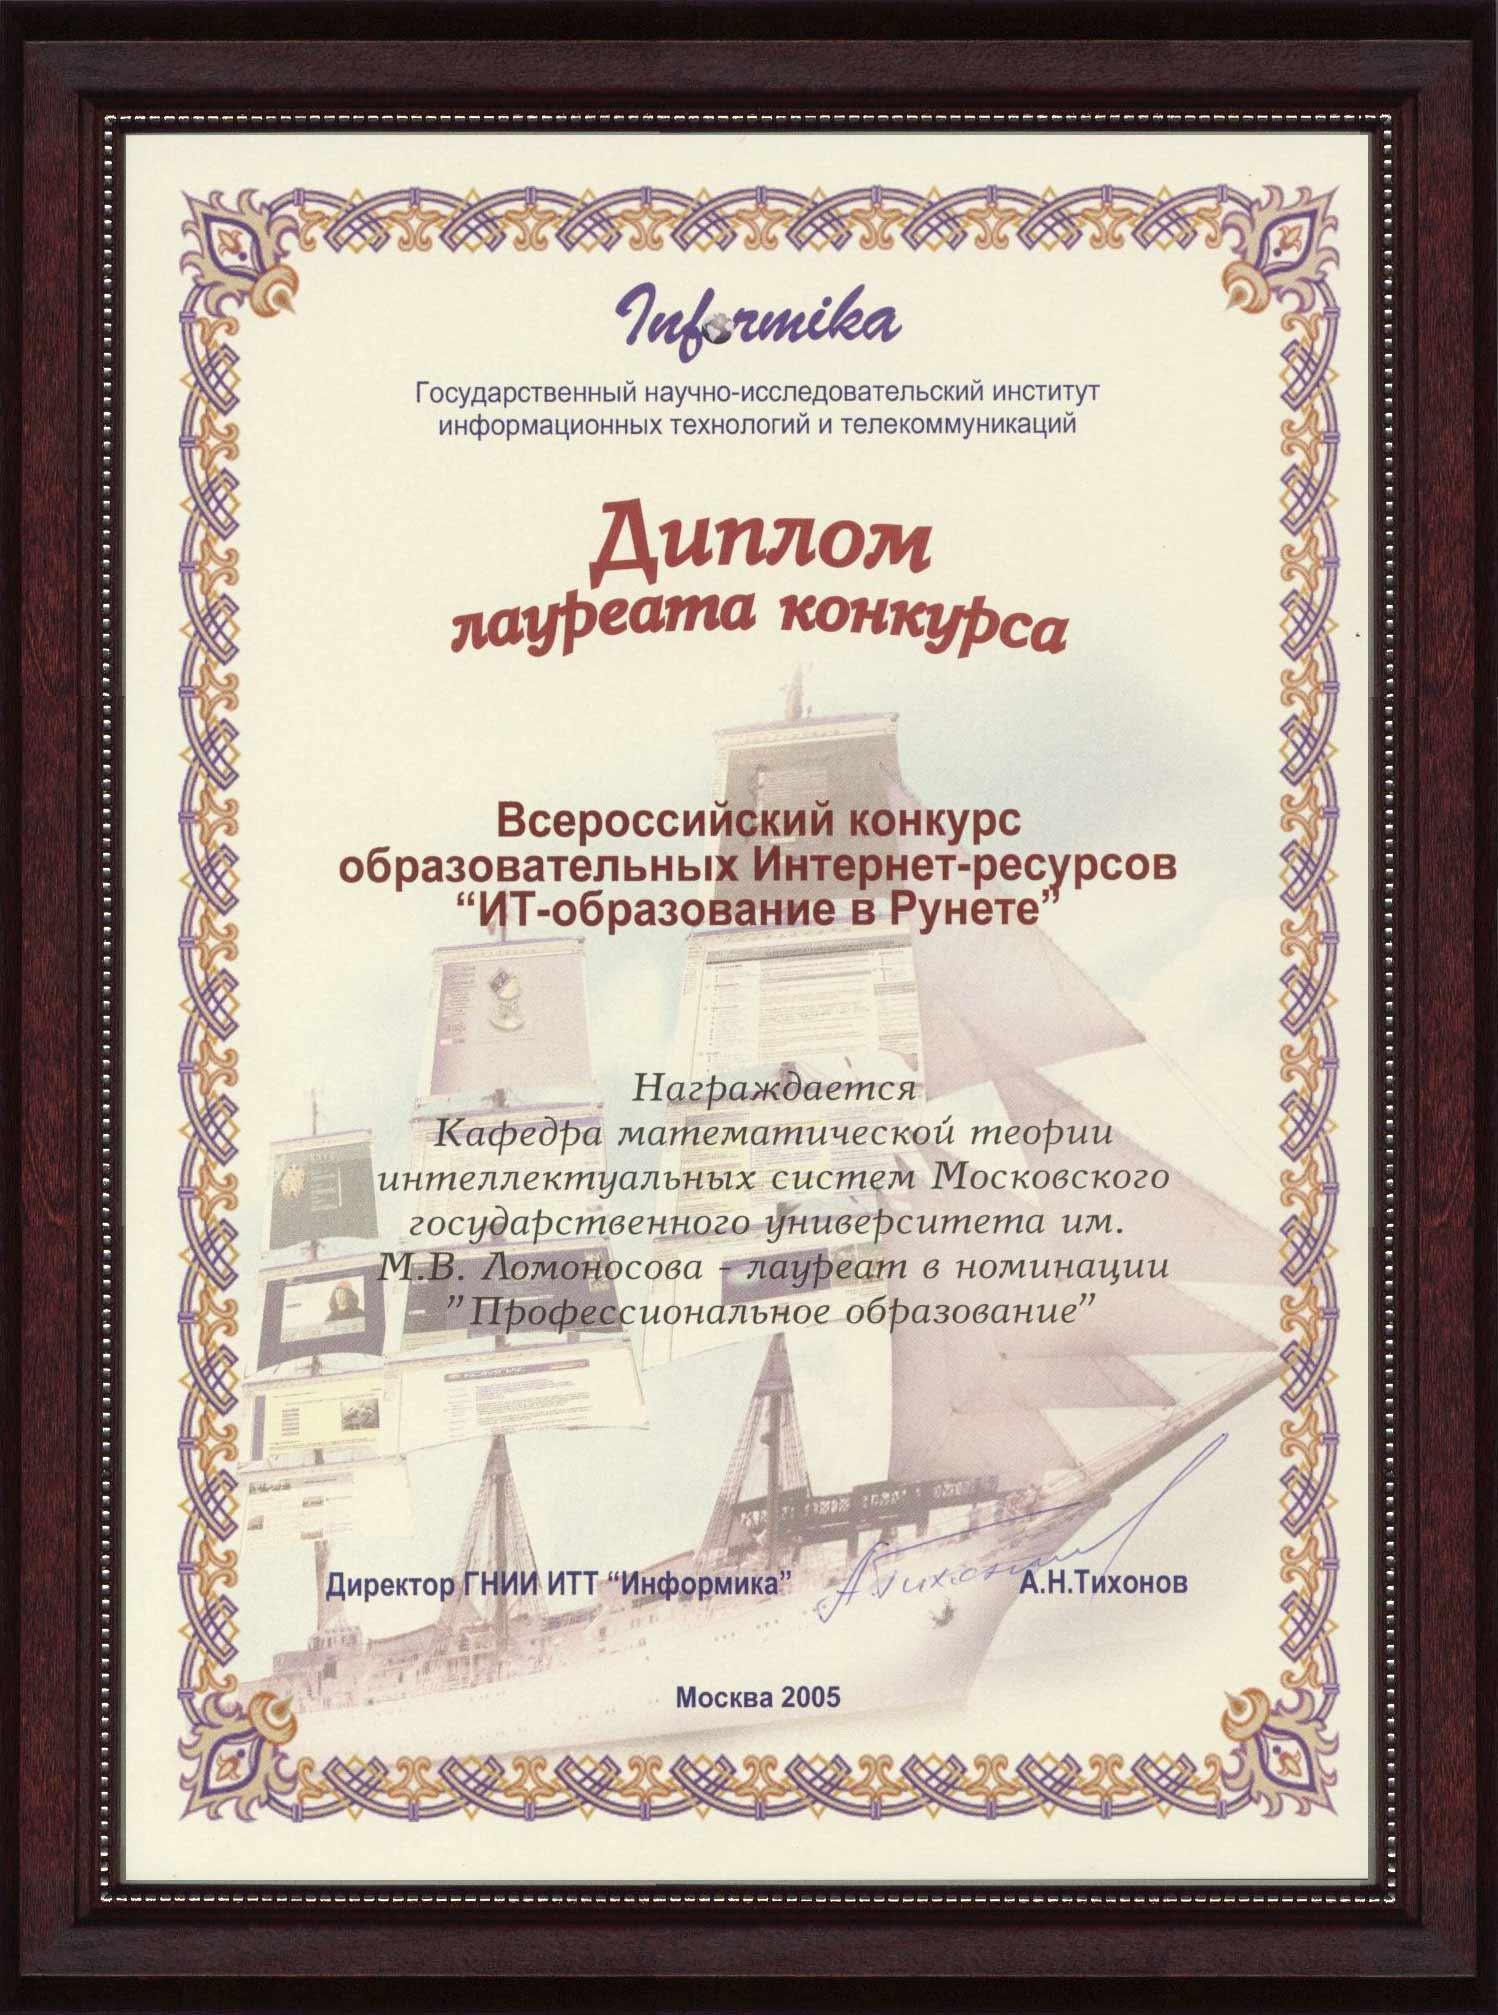 Интеллектуальные системы Кафедра Диплом лауреата конкурса  Диплом лауреата конкурса it образование в рунете